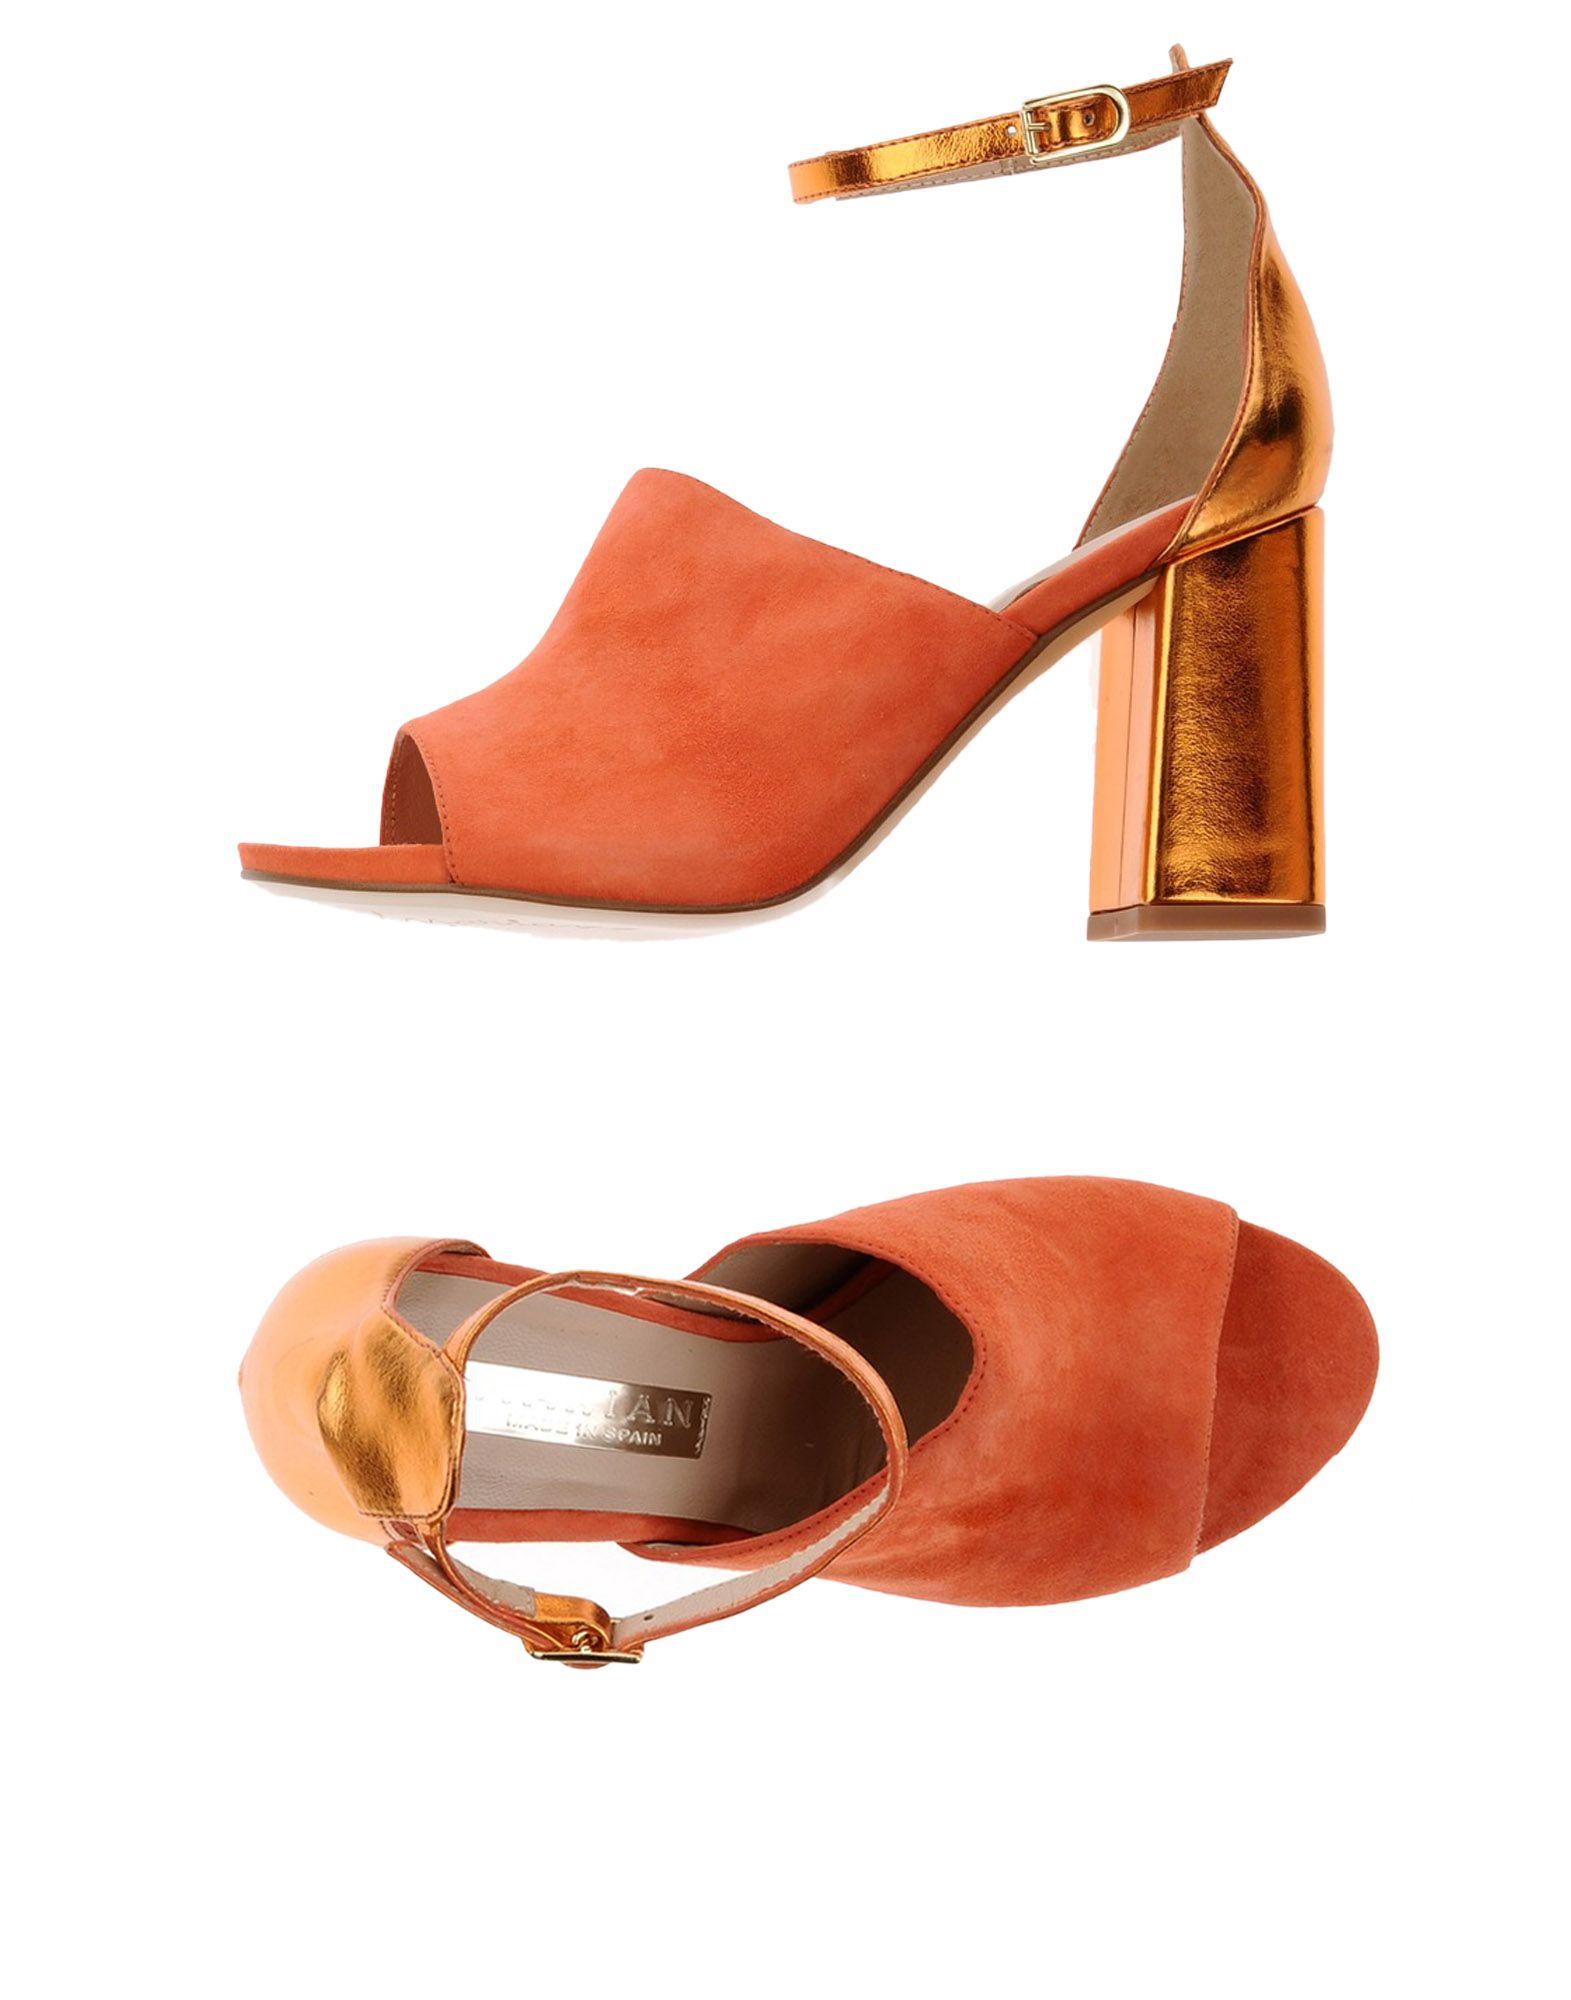 Marian Sandalen Damen  11378233AQ Gute Qualität beliebte Schuhe